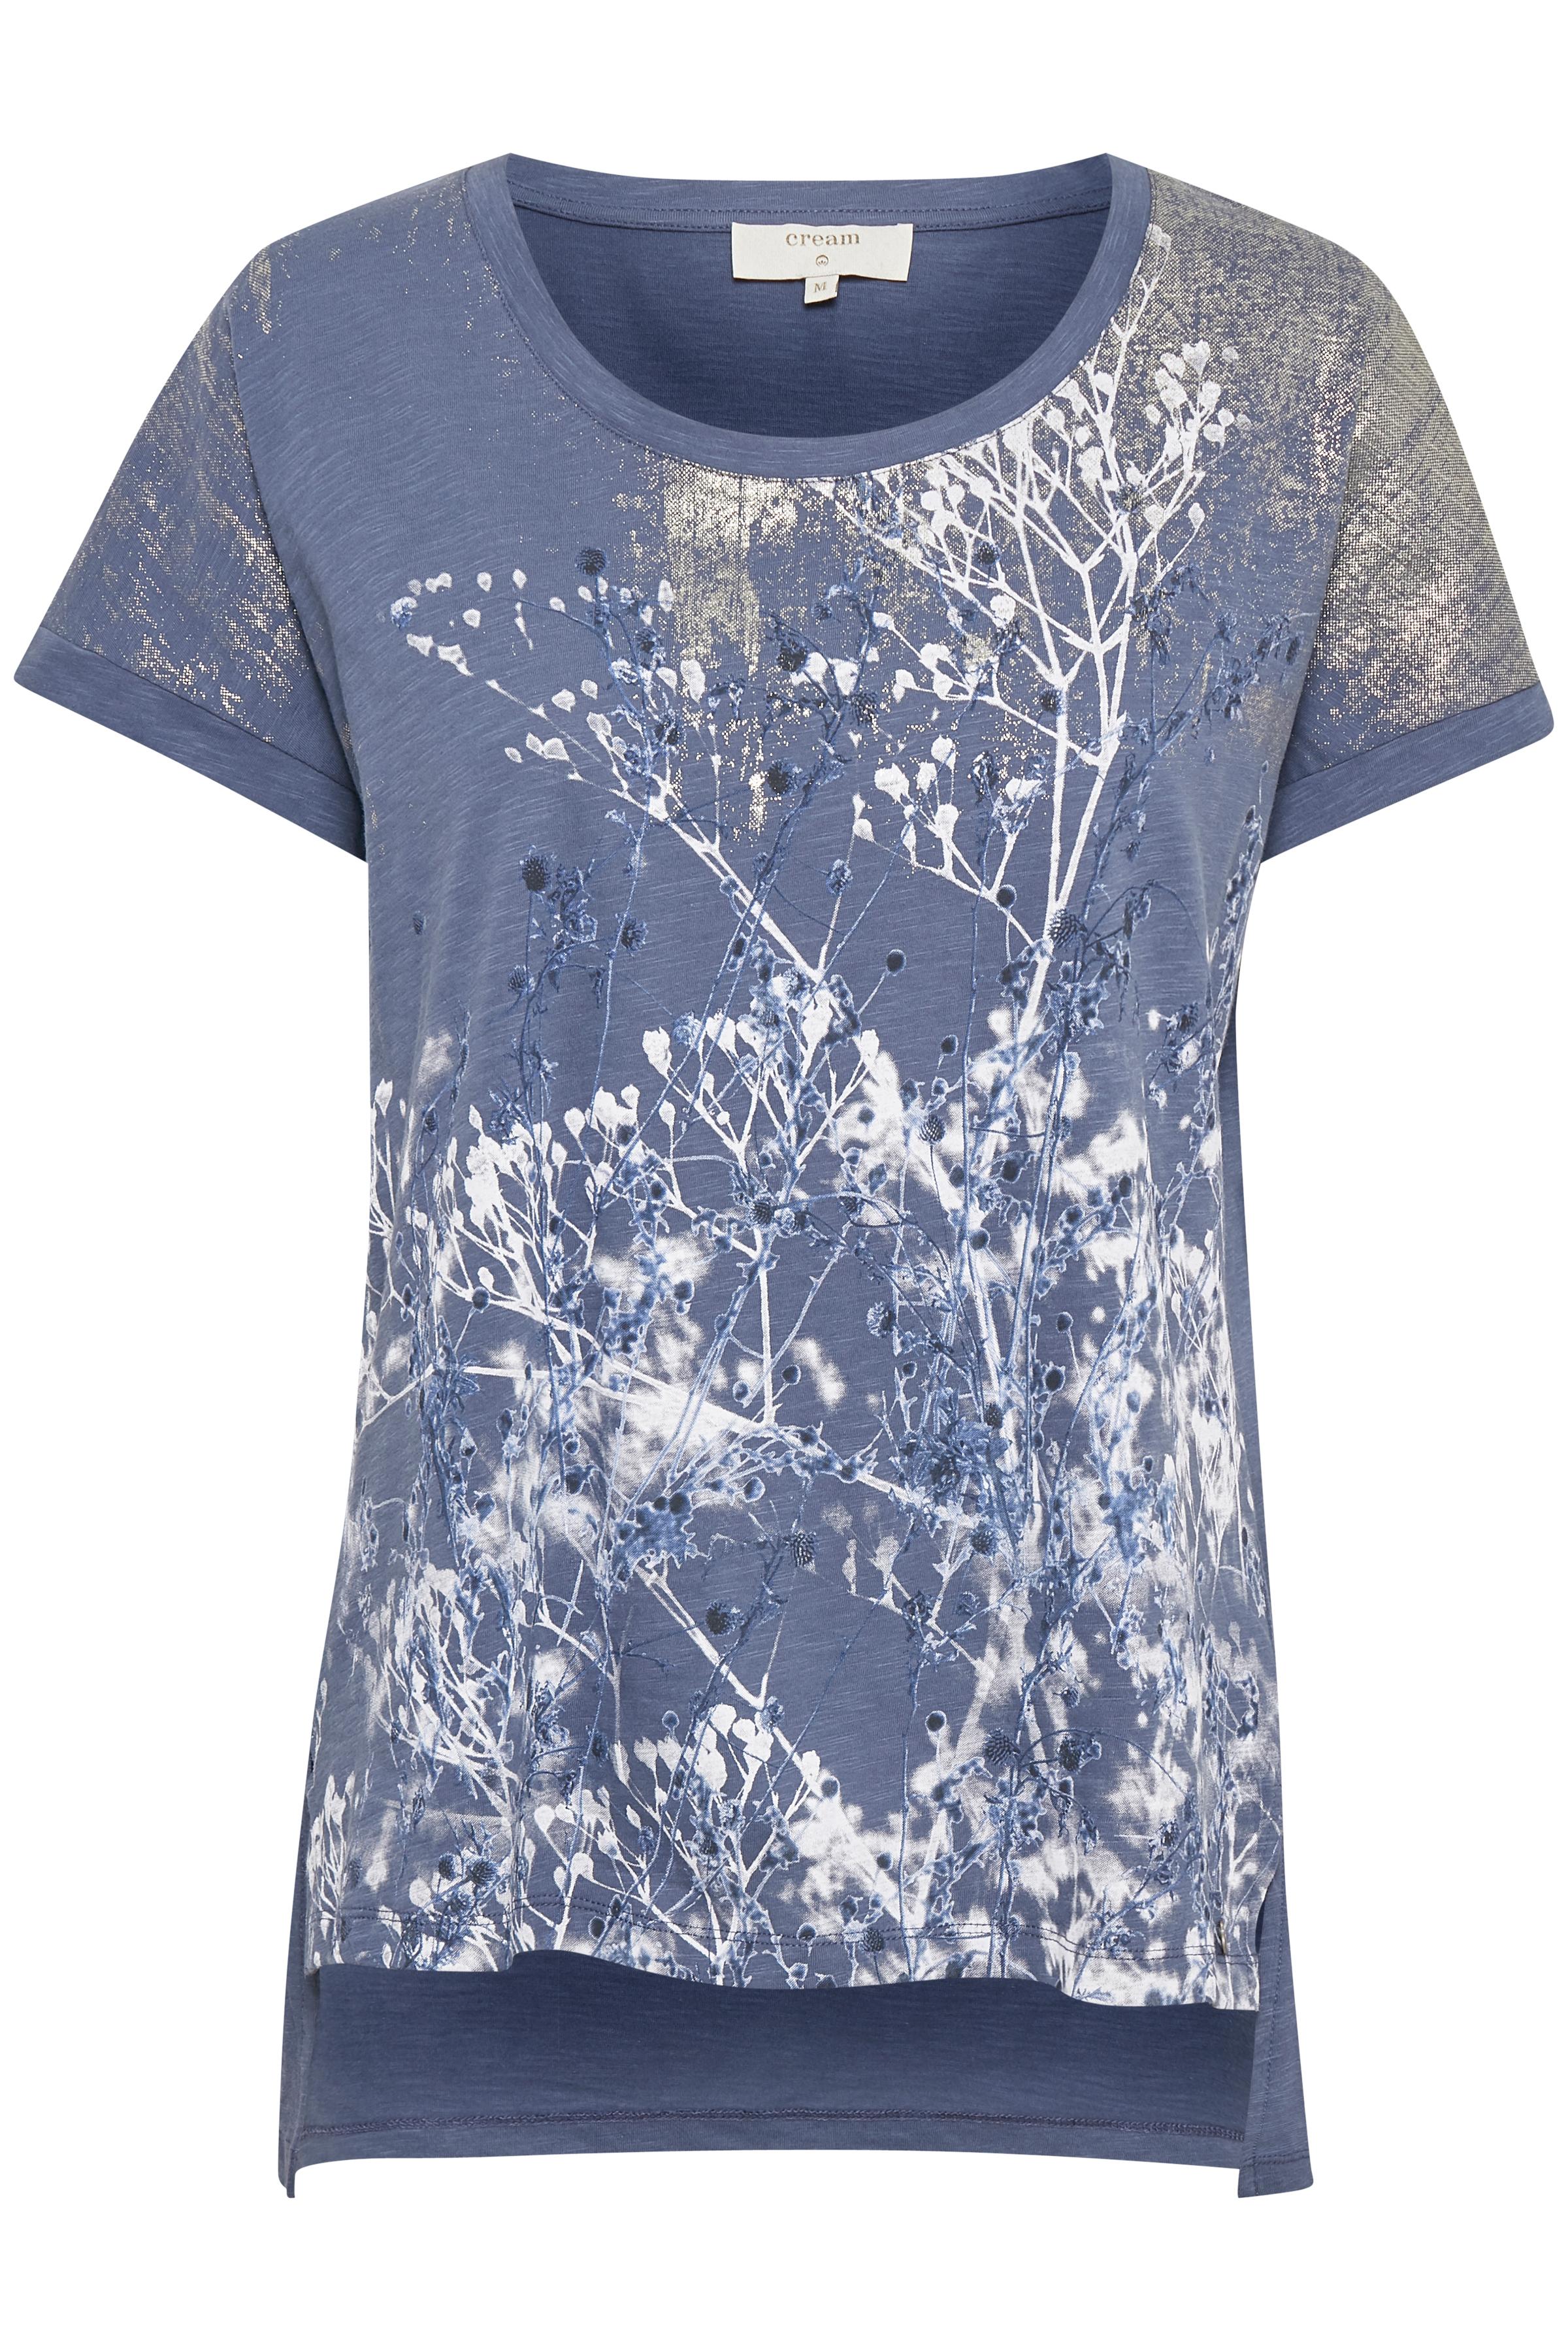 Blå/vit Kortärmad T-shirt från Cream – Köp Blå/vit Kortärmad T-shirt från stl. XS-XXL här